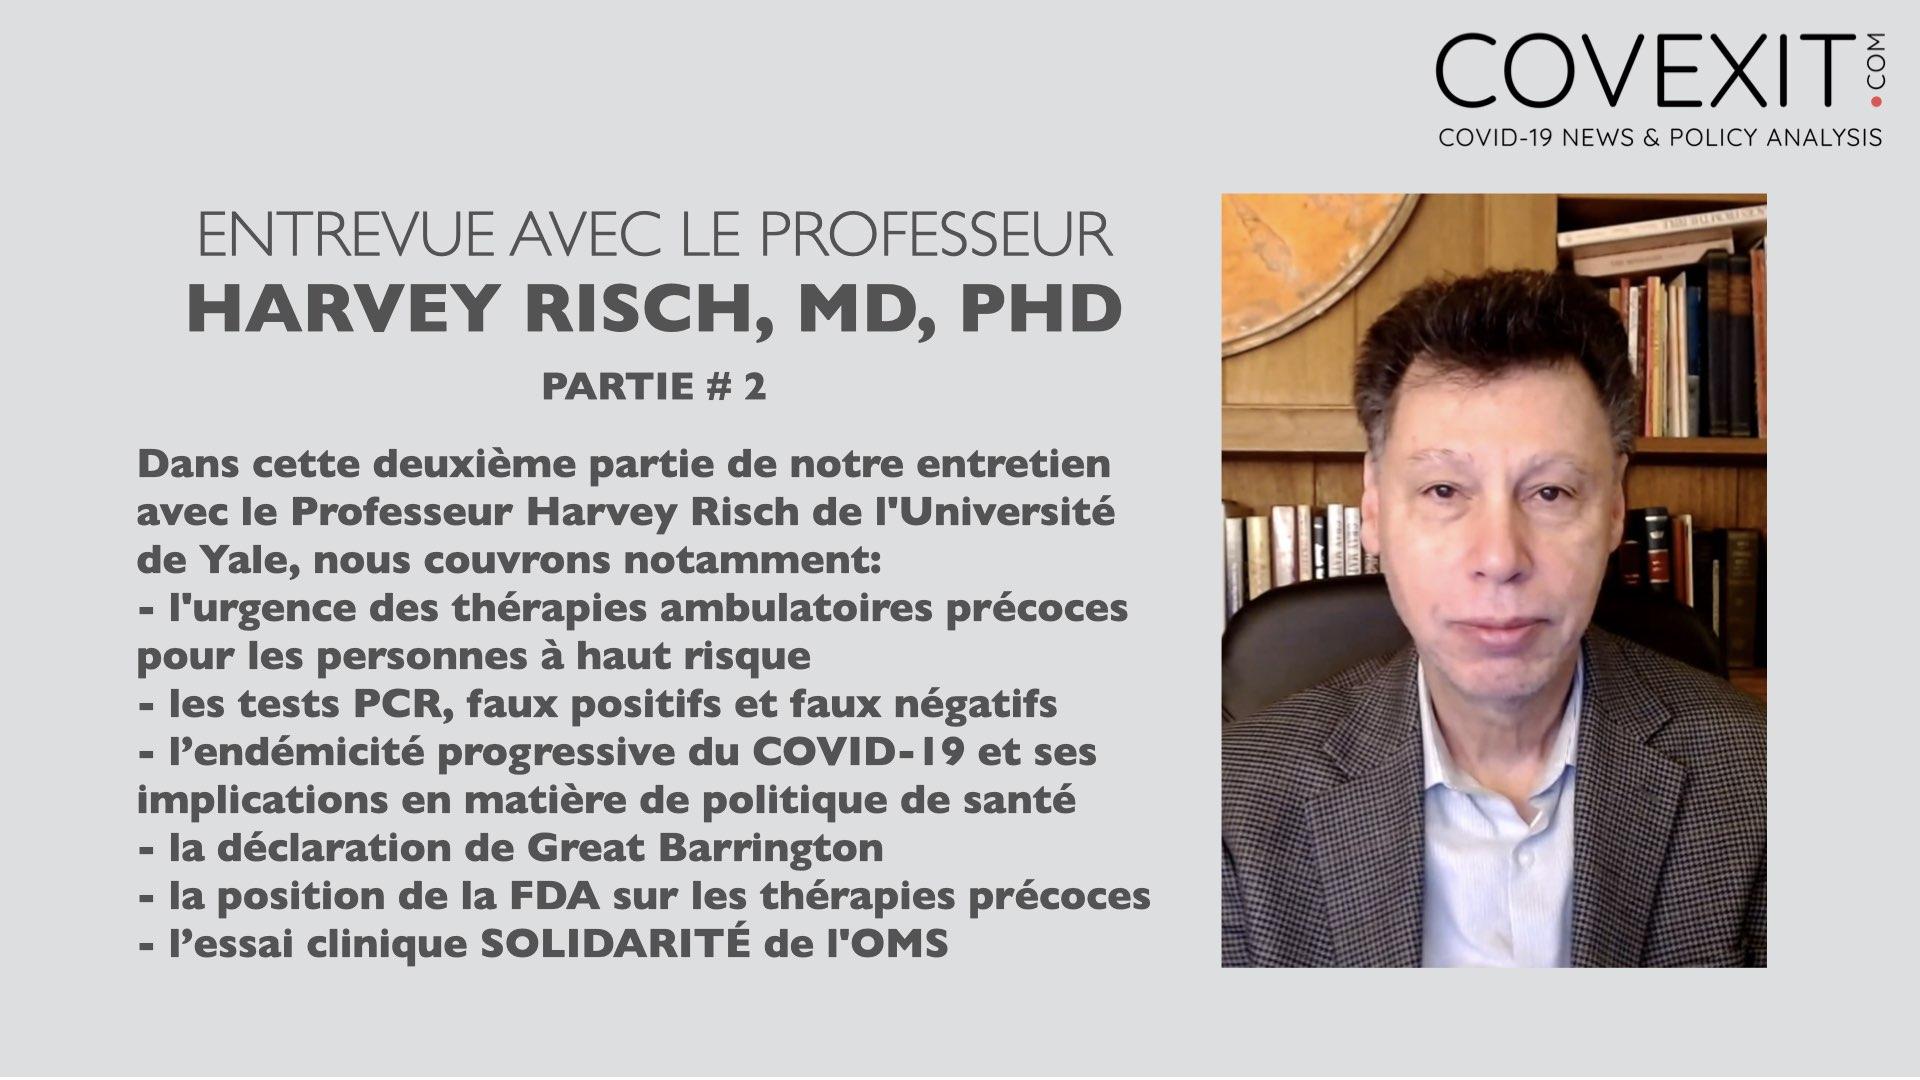 Entrevue avec le Professeur Harvey Risch - 2ème partie